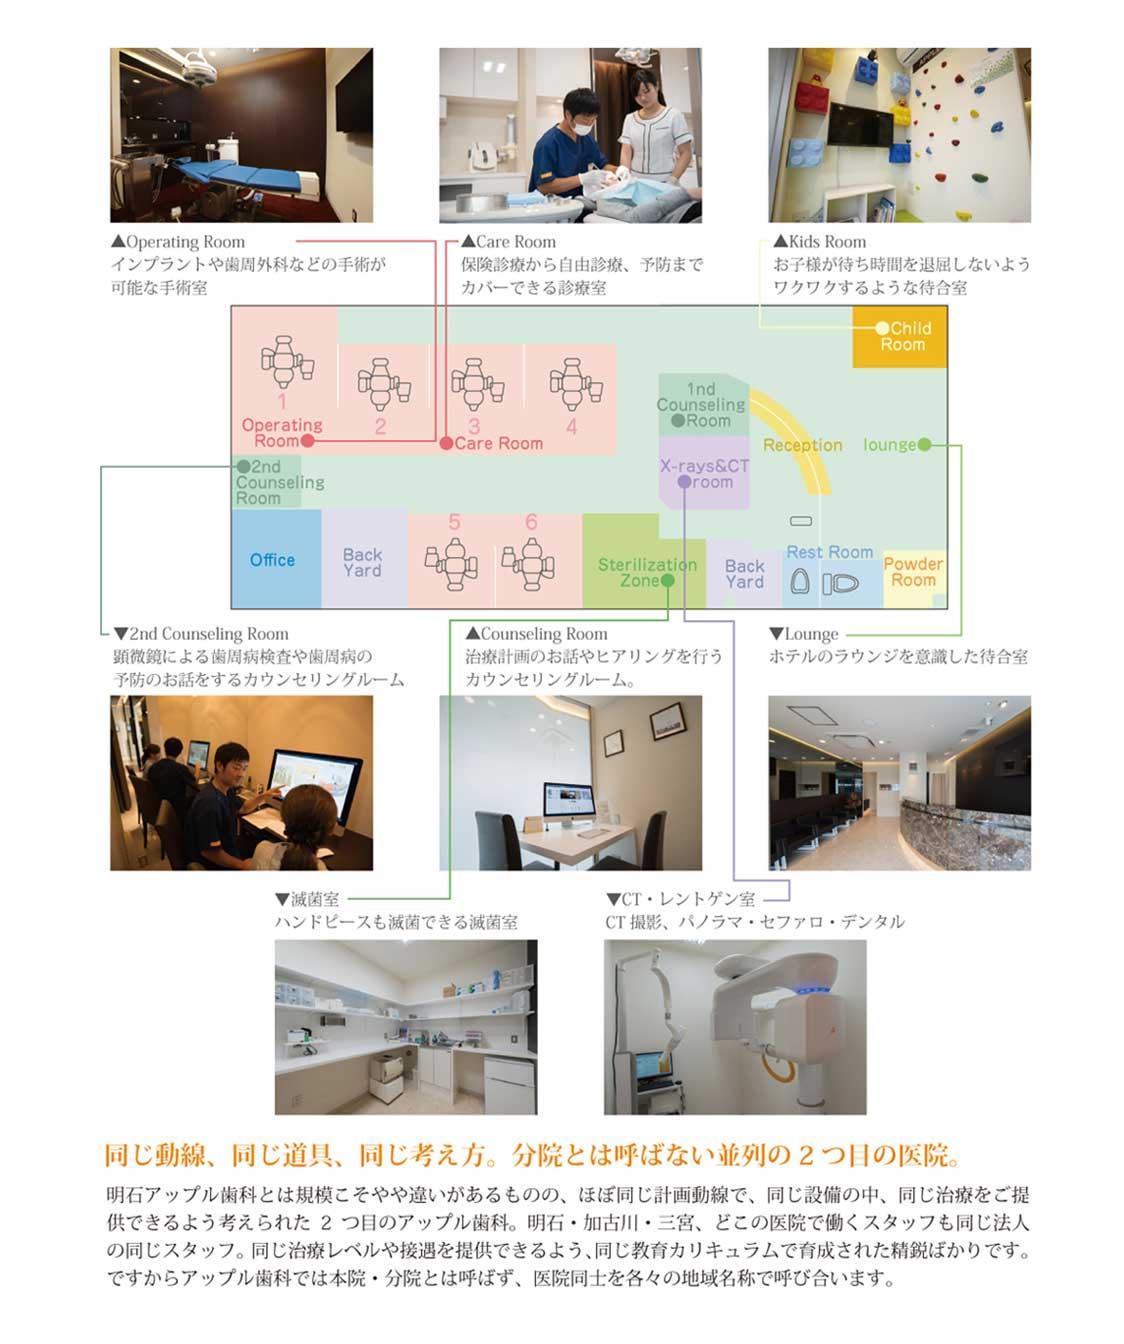 加古川アップル歯科院内マップ